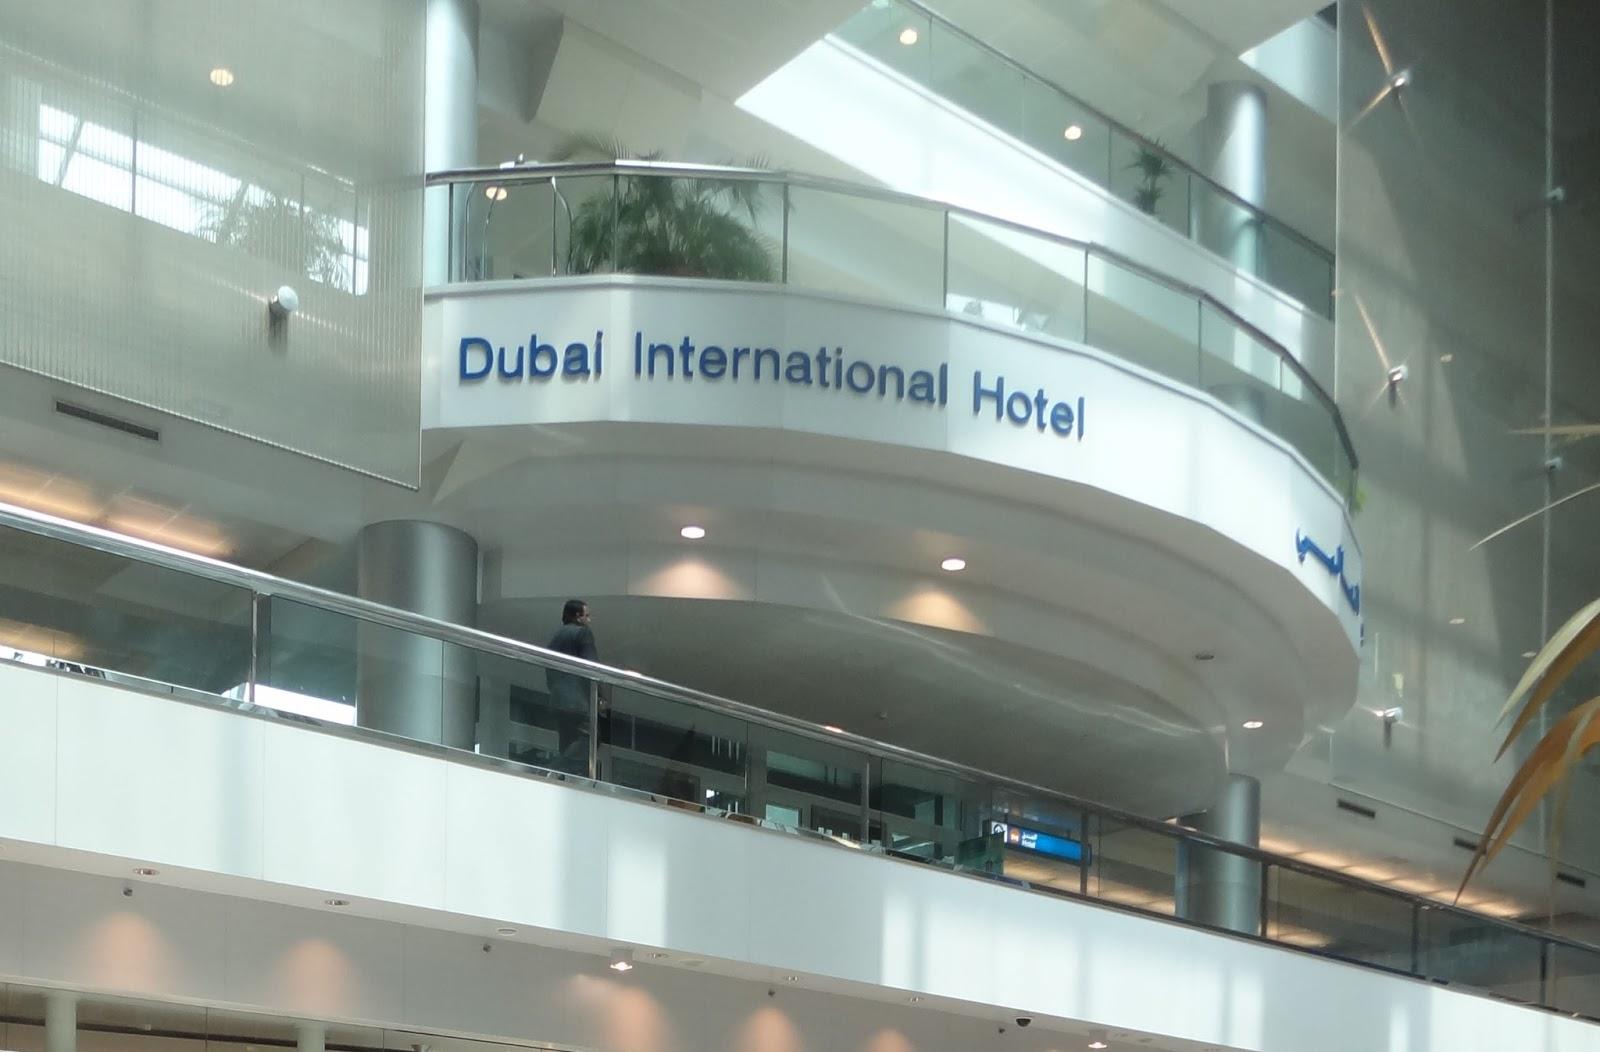 Dubai international airport premier inn international for International decor dubai